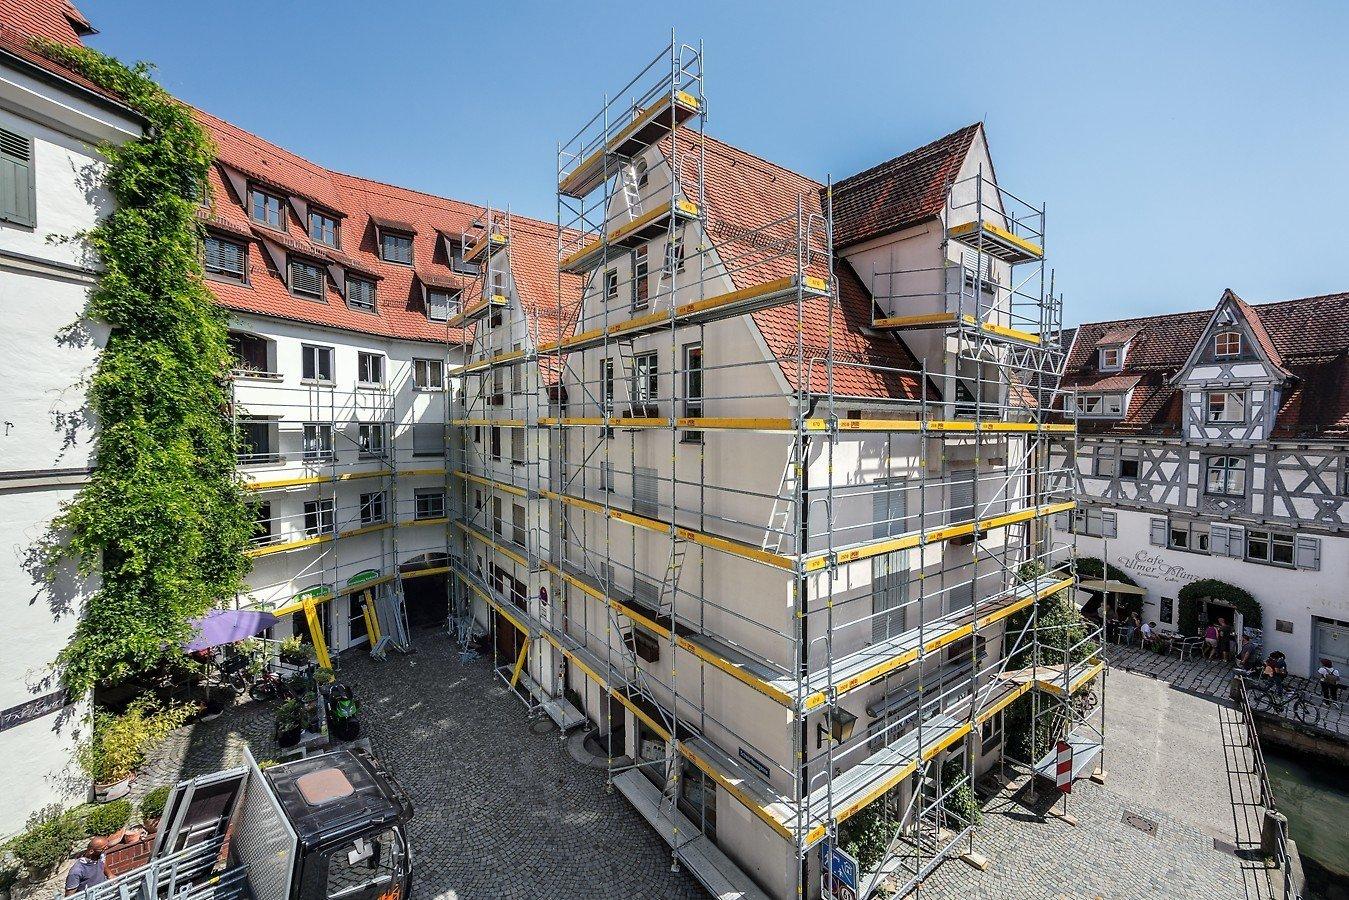 Rahmengerüst   Gerüste und Schalungen   Glossar   Baunetz_Wissen